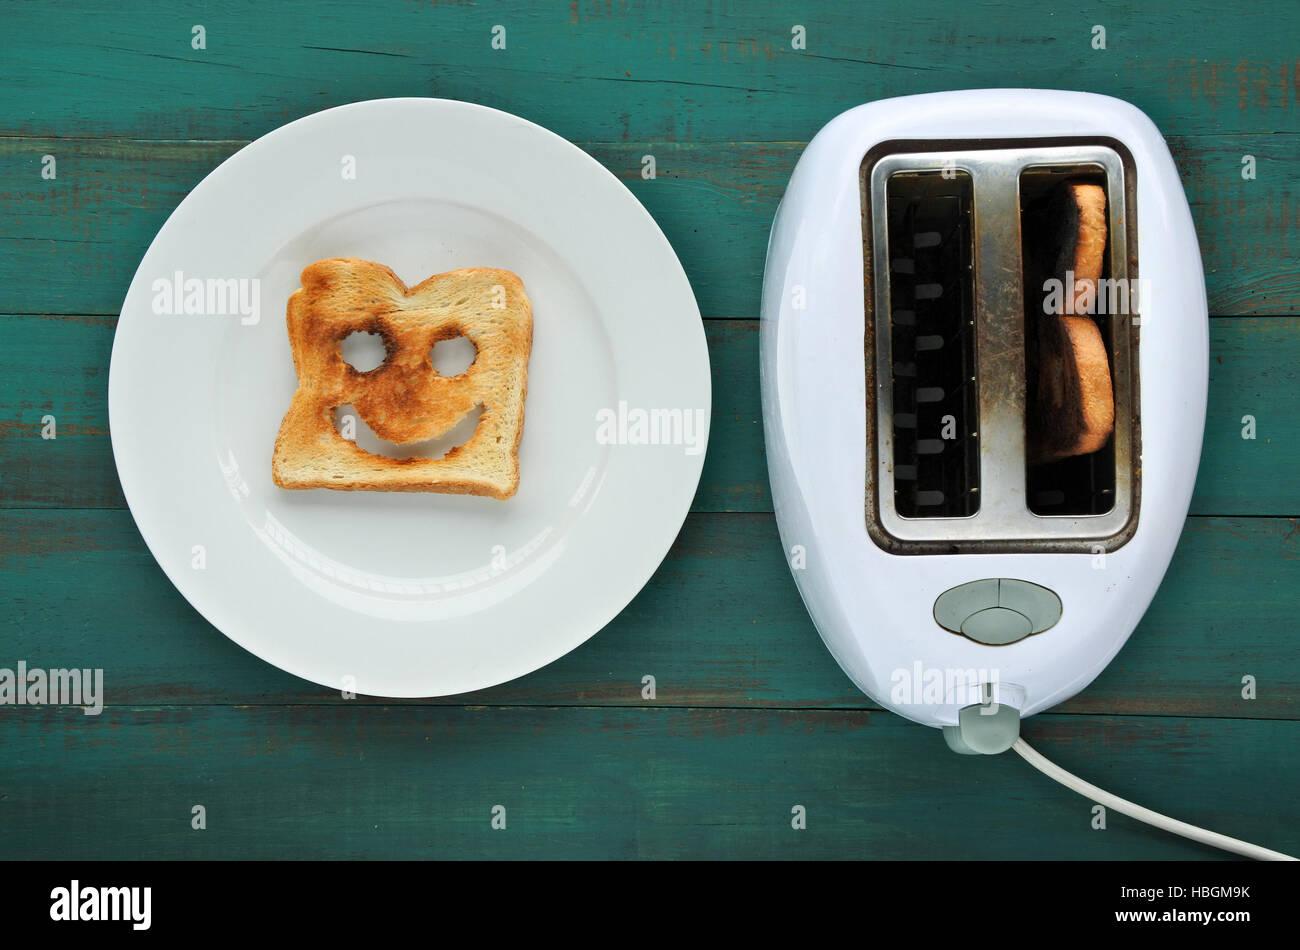 Plana Vista laicos de rebanadas de pan tostado en un plato junto a una tostadora. Felicidad concepto espacio de Imagen De Stock